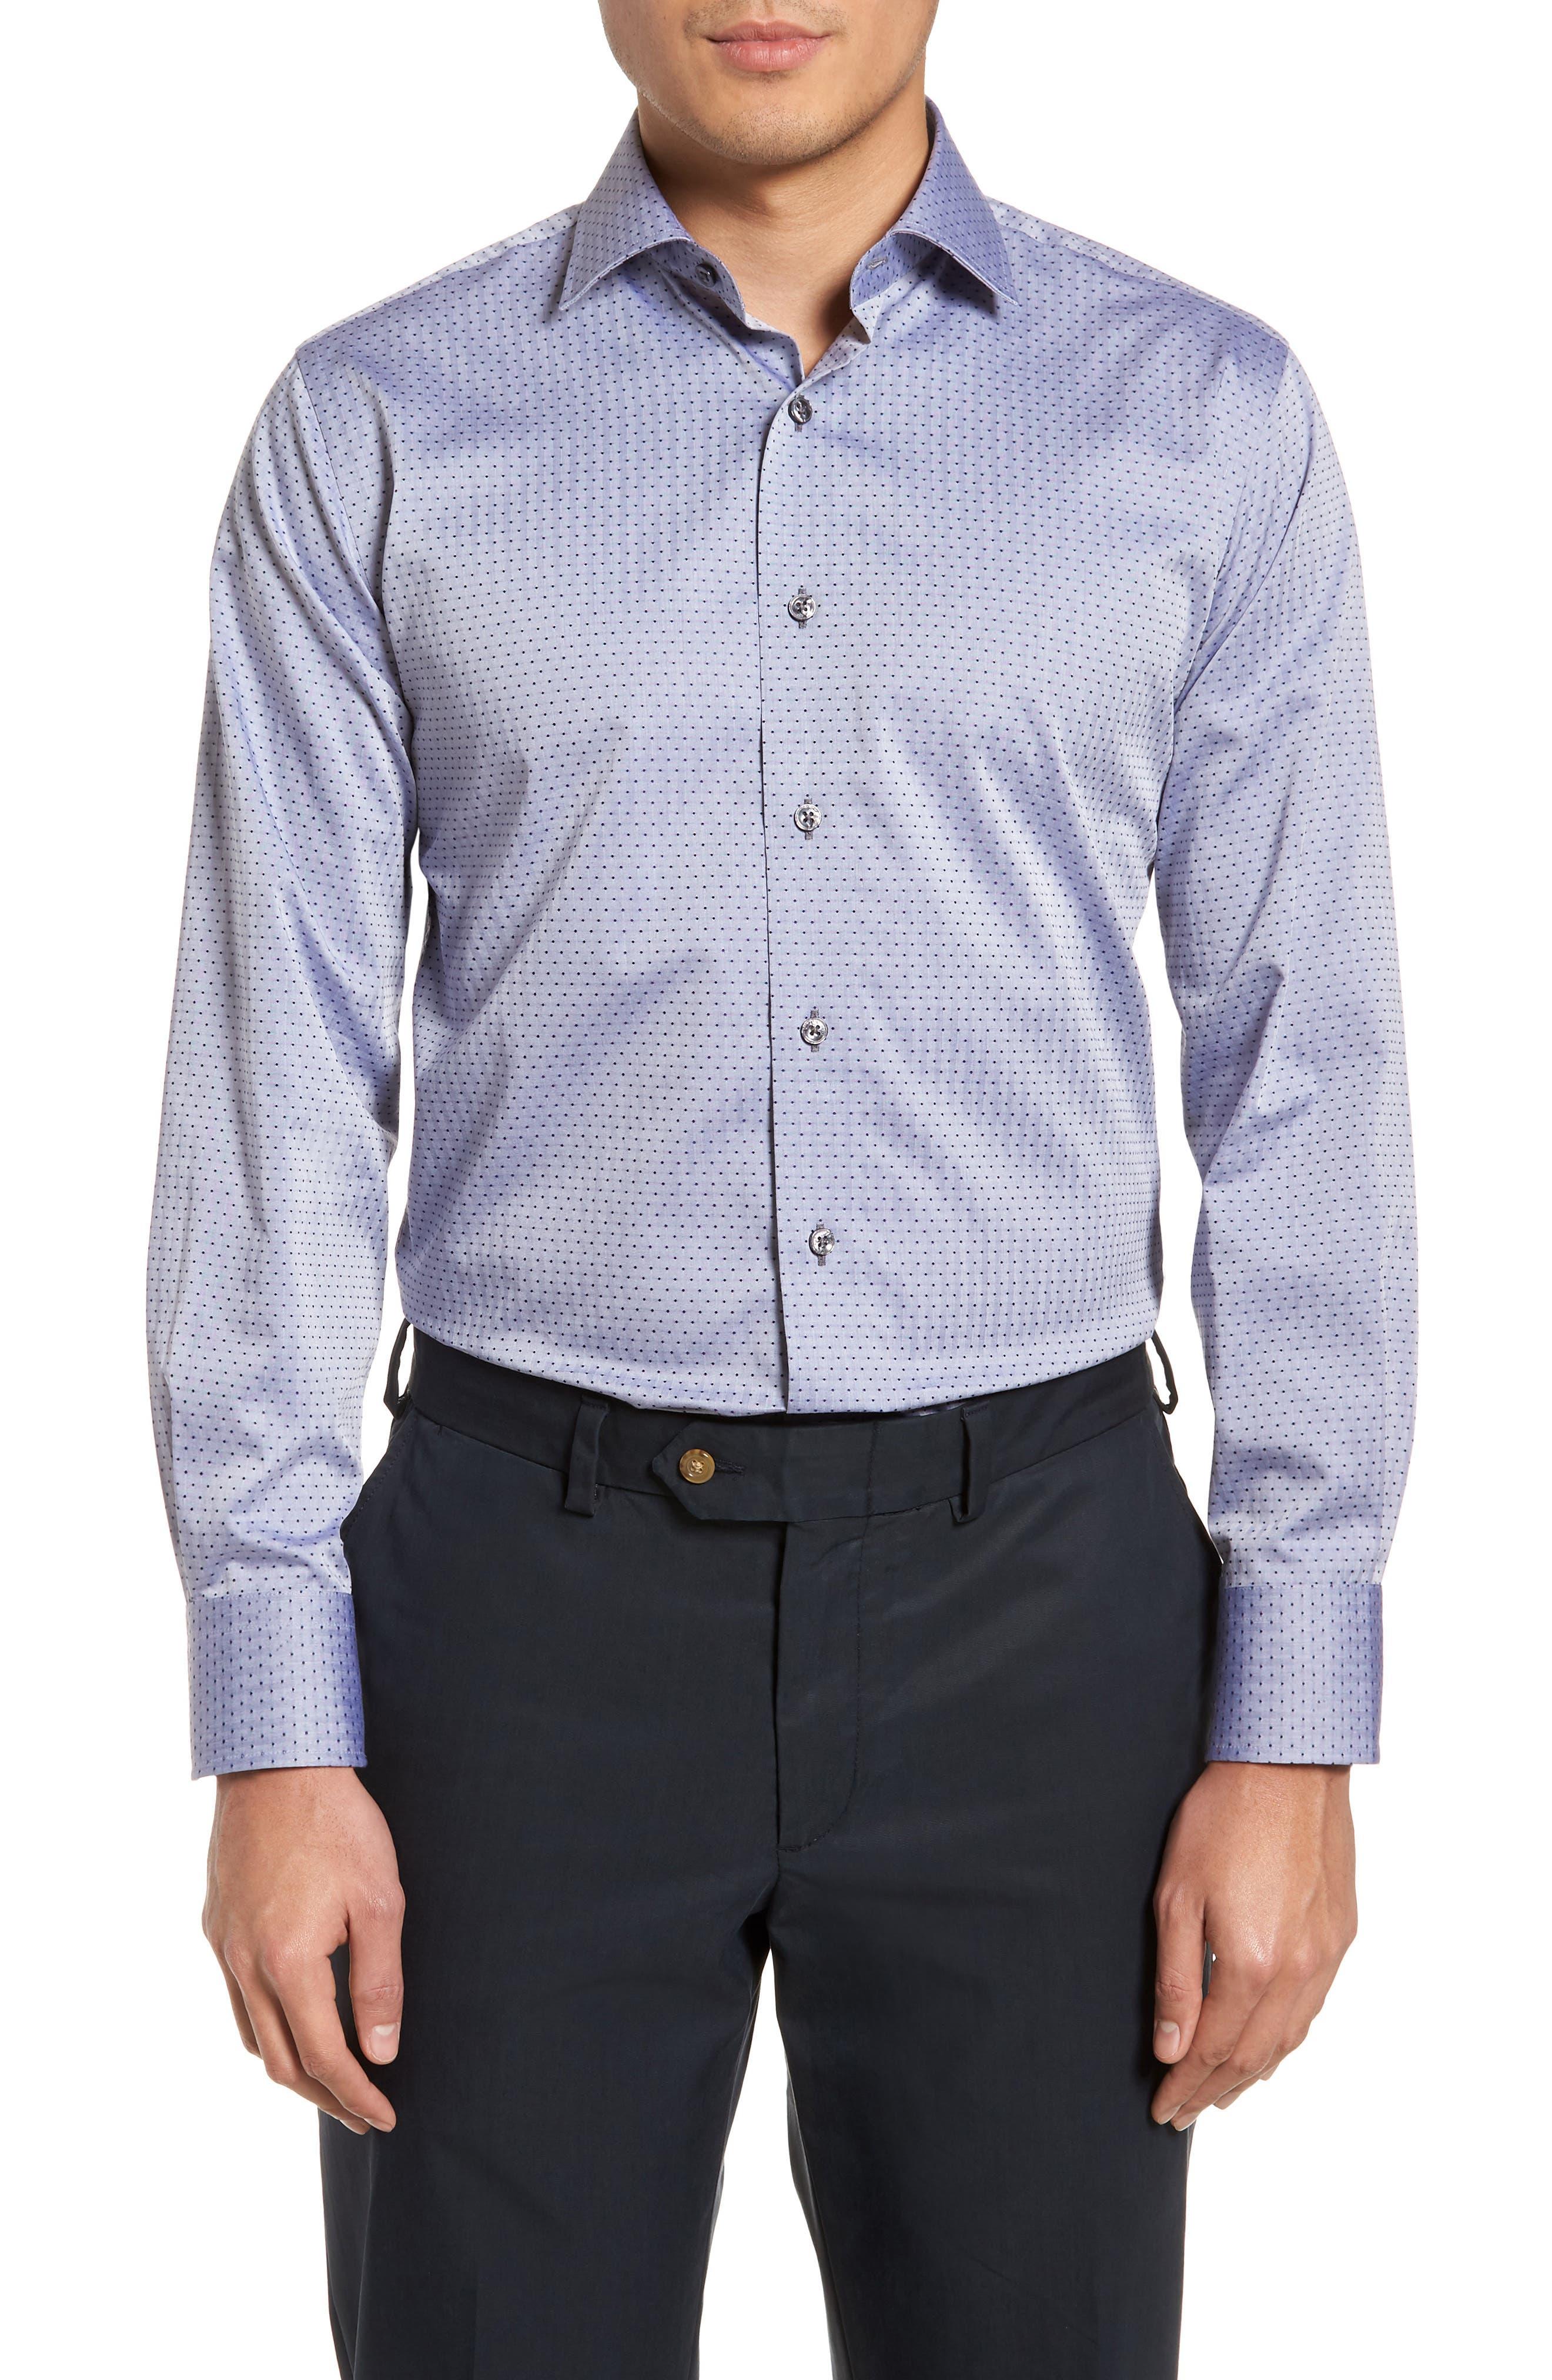 Pin Dot Dress Shirt,                         Main,                         color, NAVY/ GREY